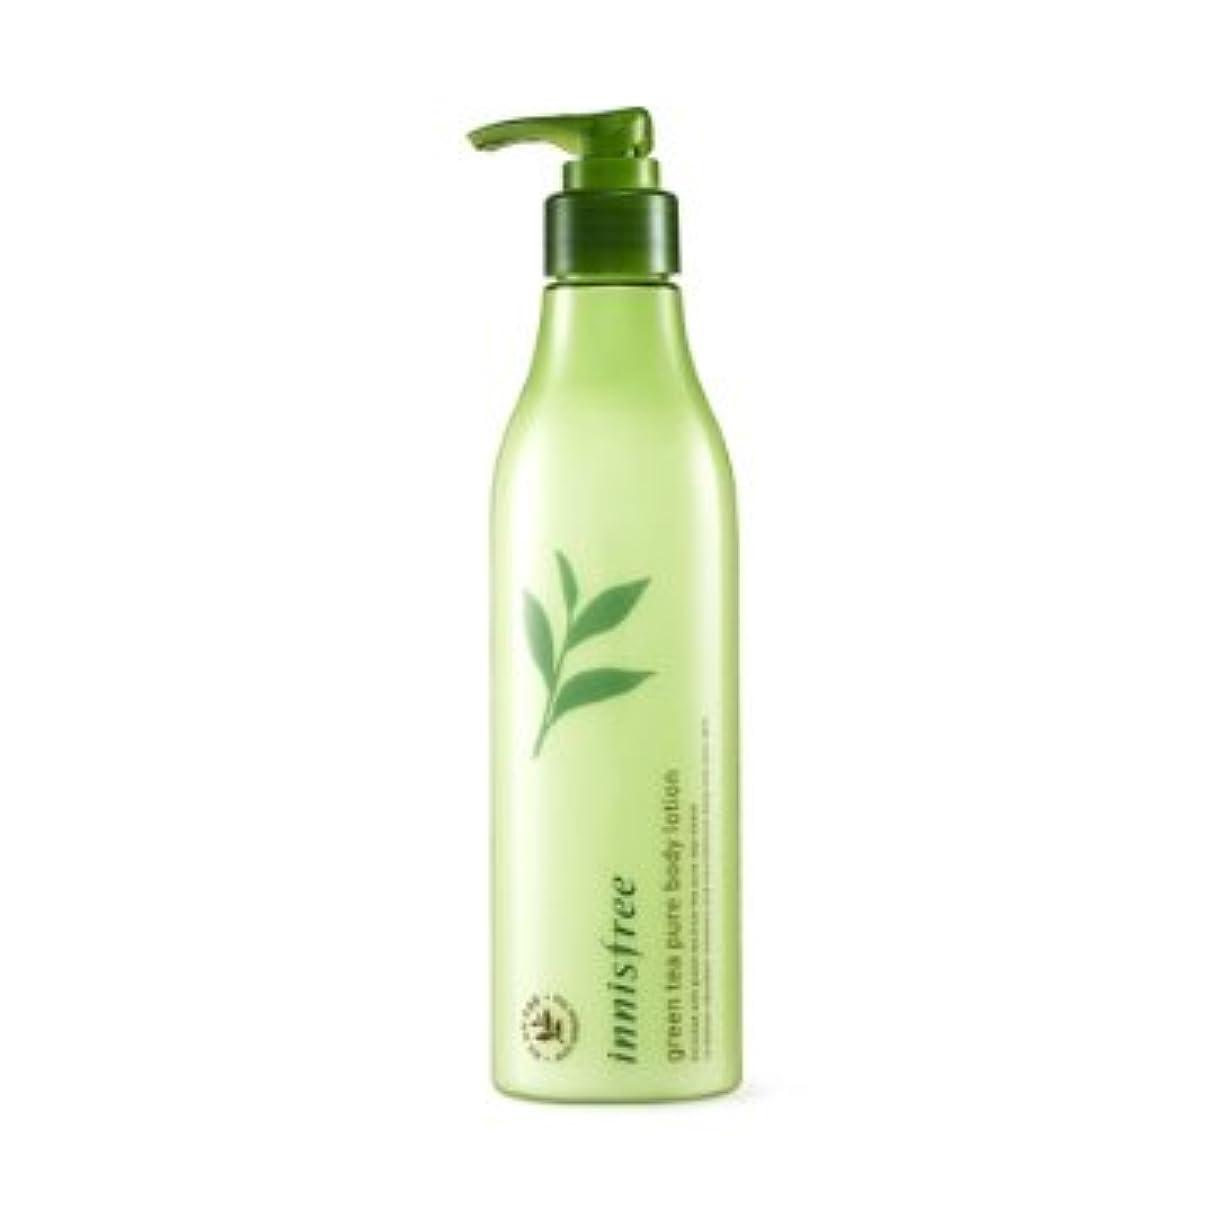 複雑ゆり真珠のような【イニスフリー】Innisfree green tea pure body lotion - 300ml (韓国直送品) (SHOPPINGINSTAGRAM)